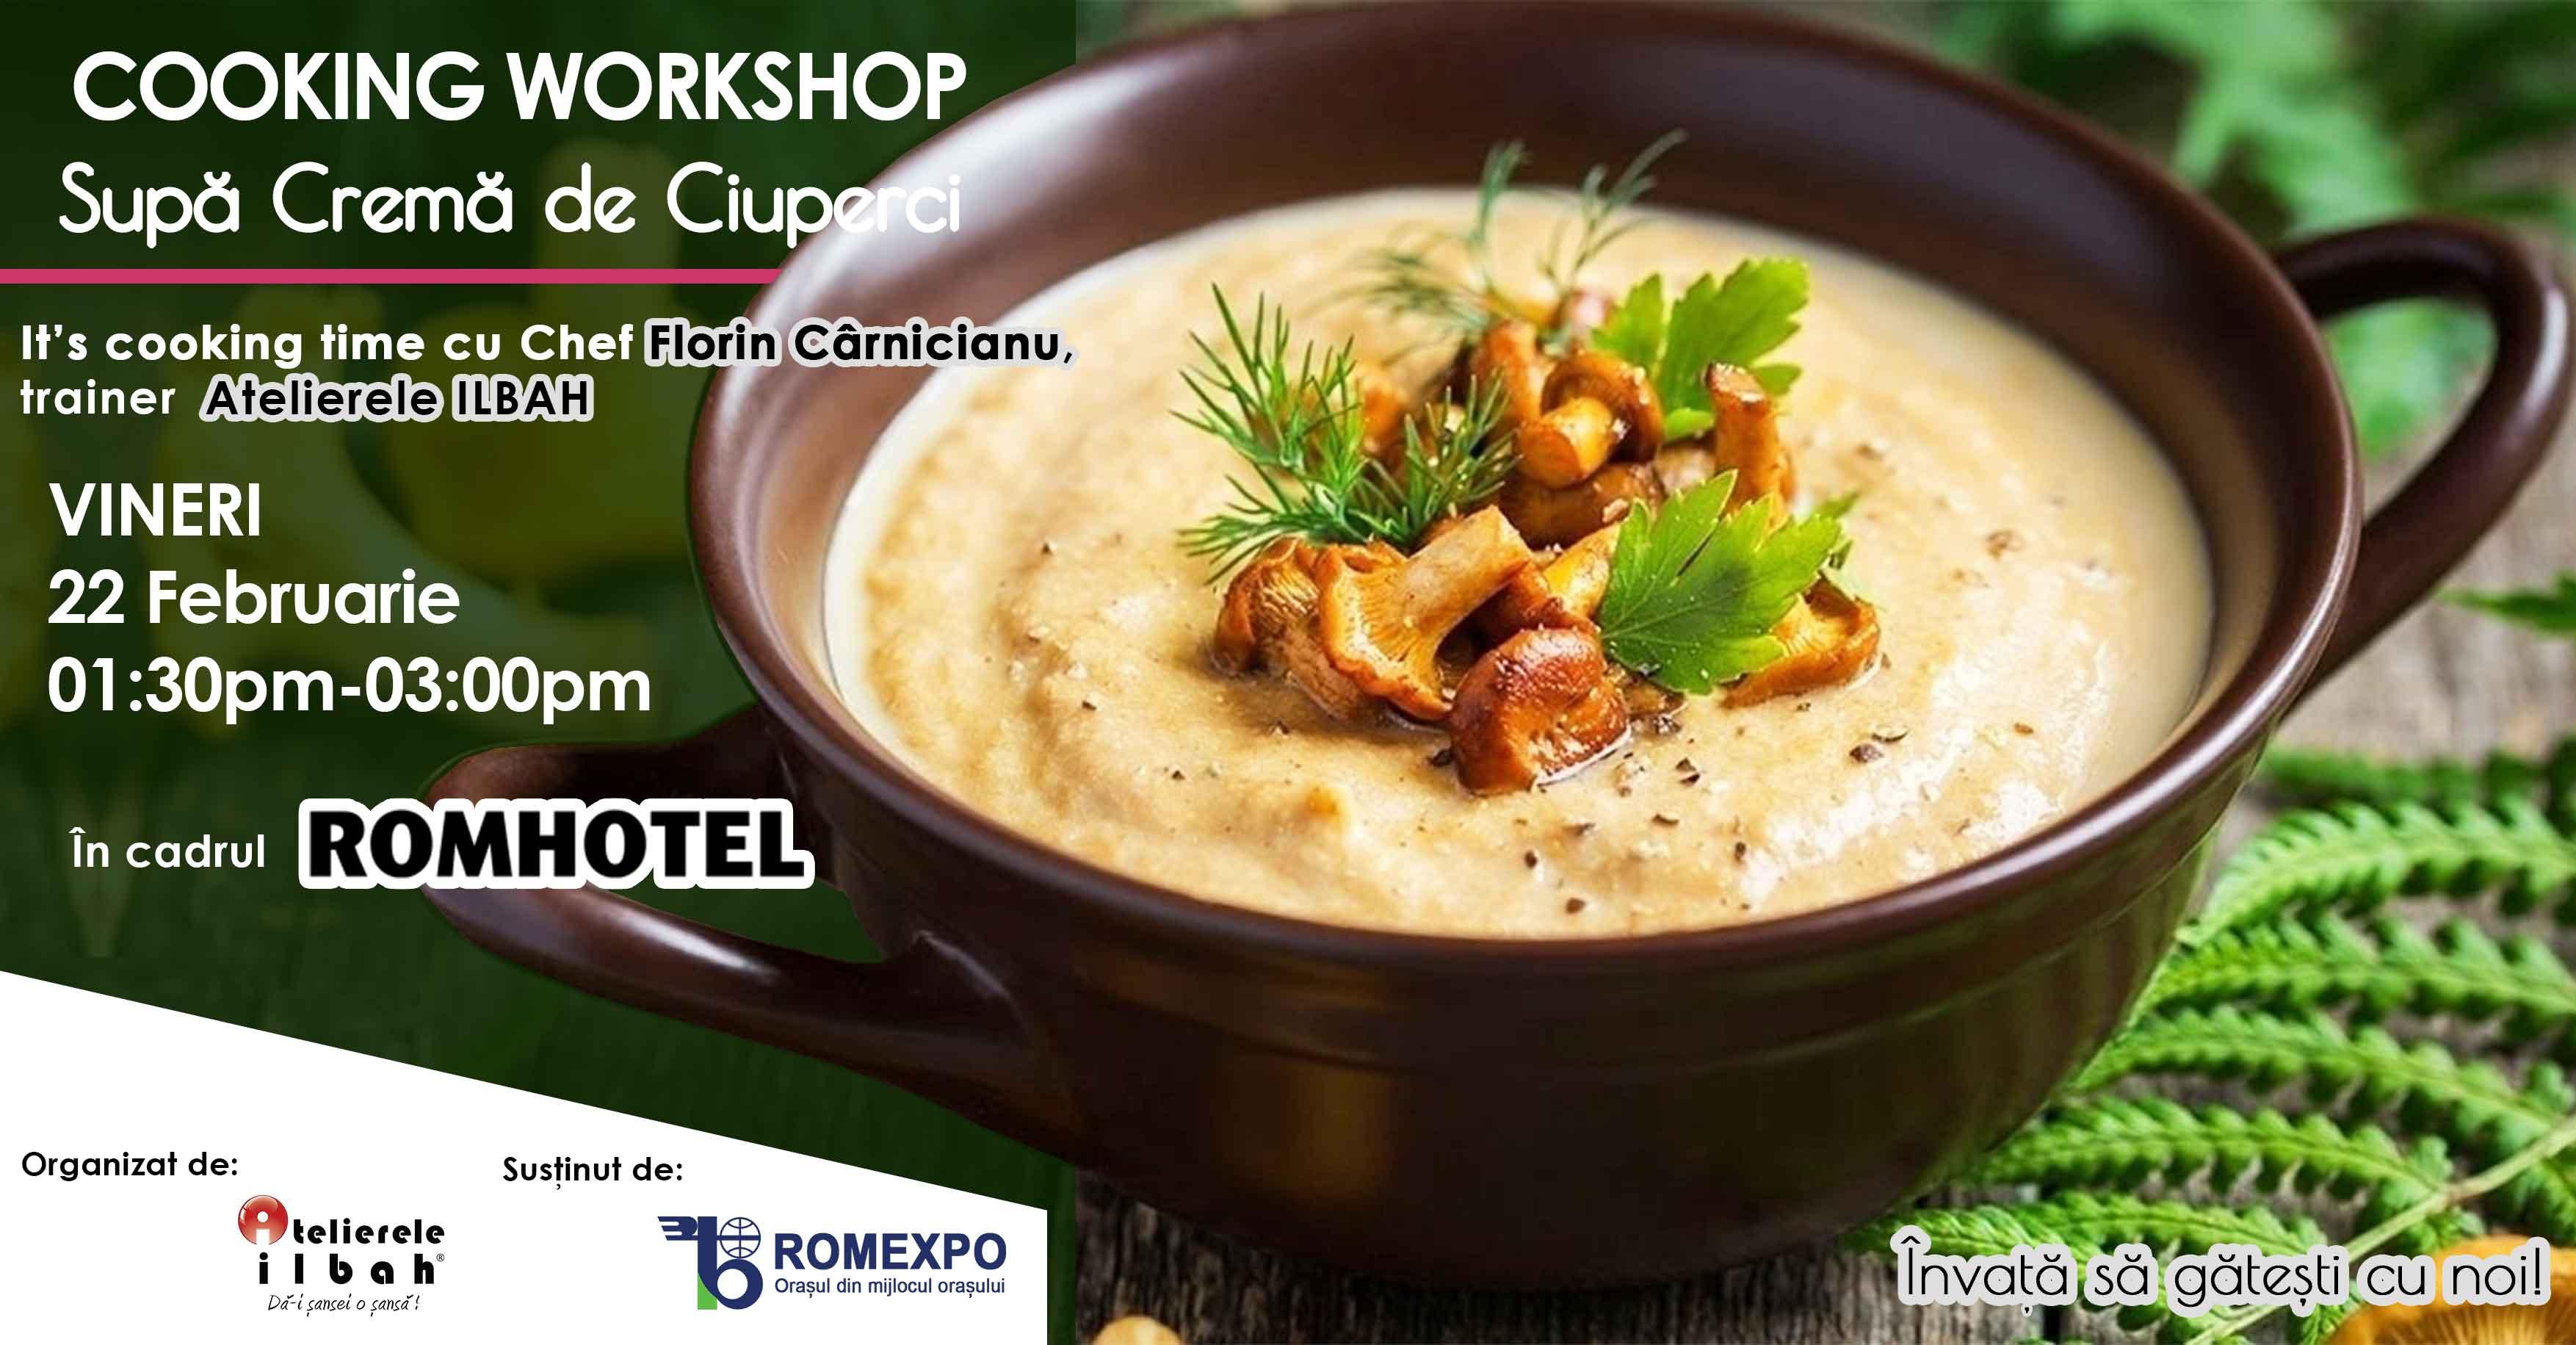 nu-rata-workshopurile-de-cooking-organizate-de-atelierele-ilbah-in-cadrul-romhotel-2019-4